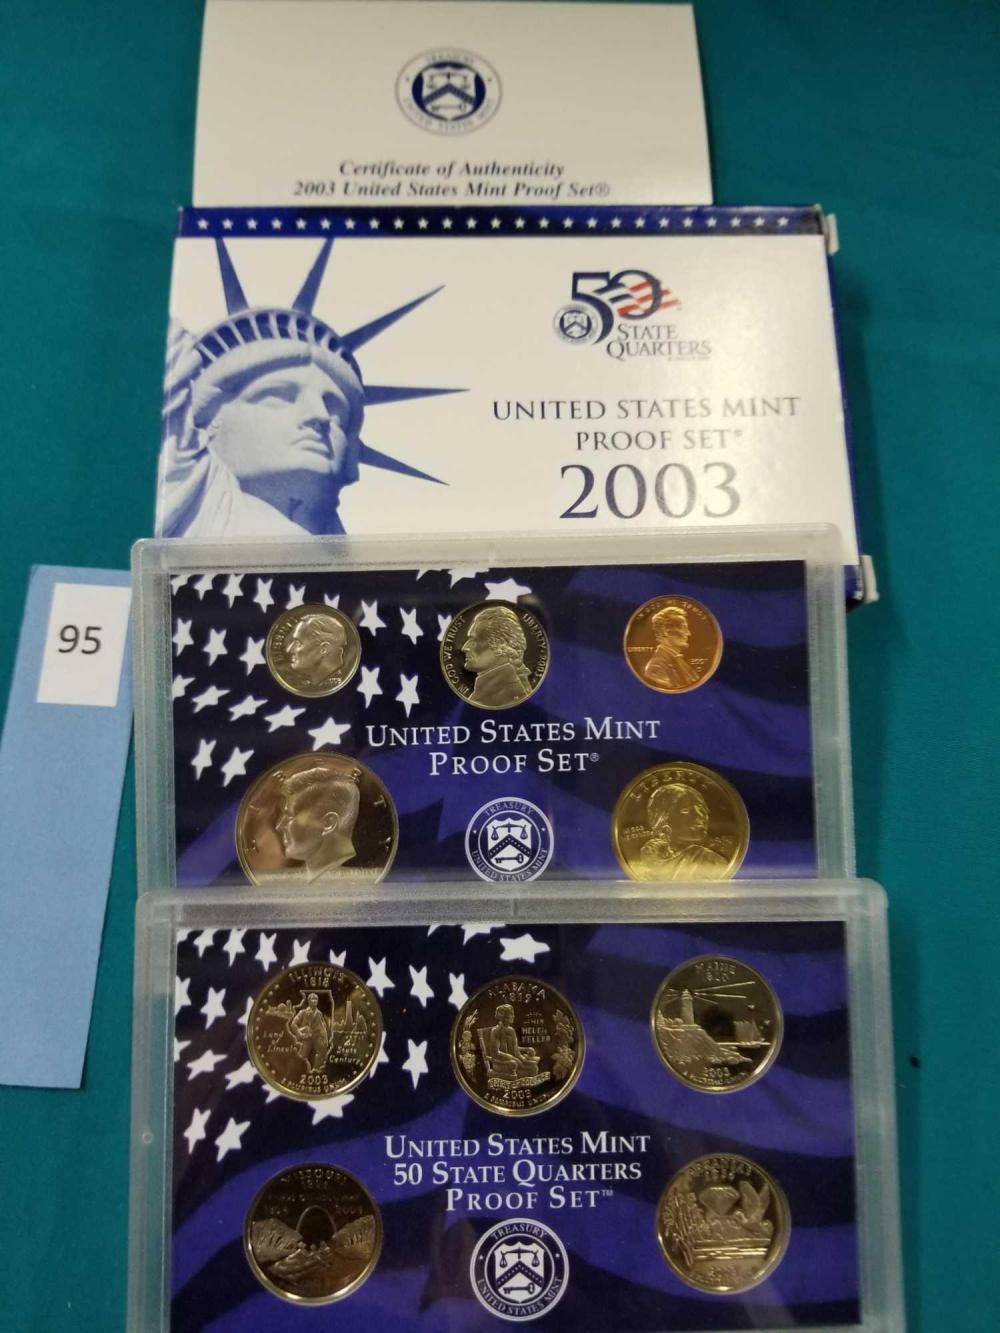 2003 U.S. MINT PROOF COIN SET